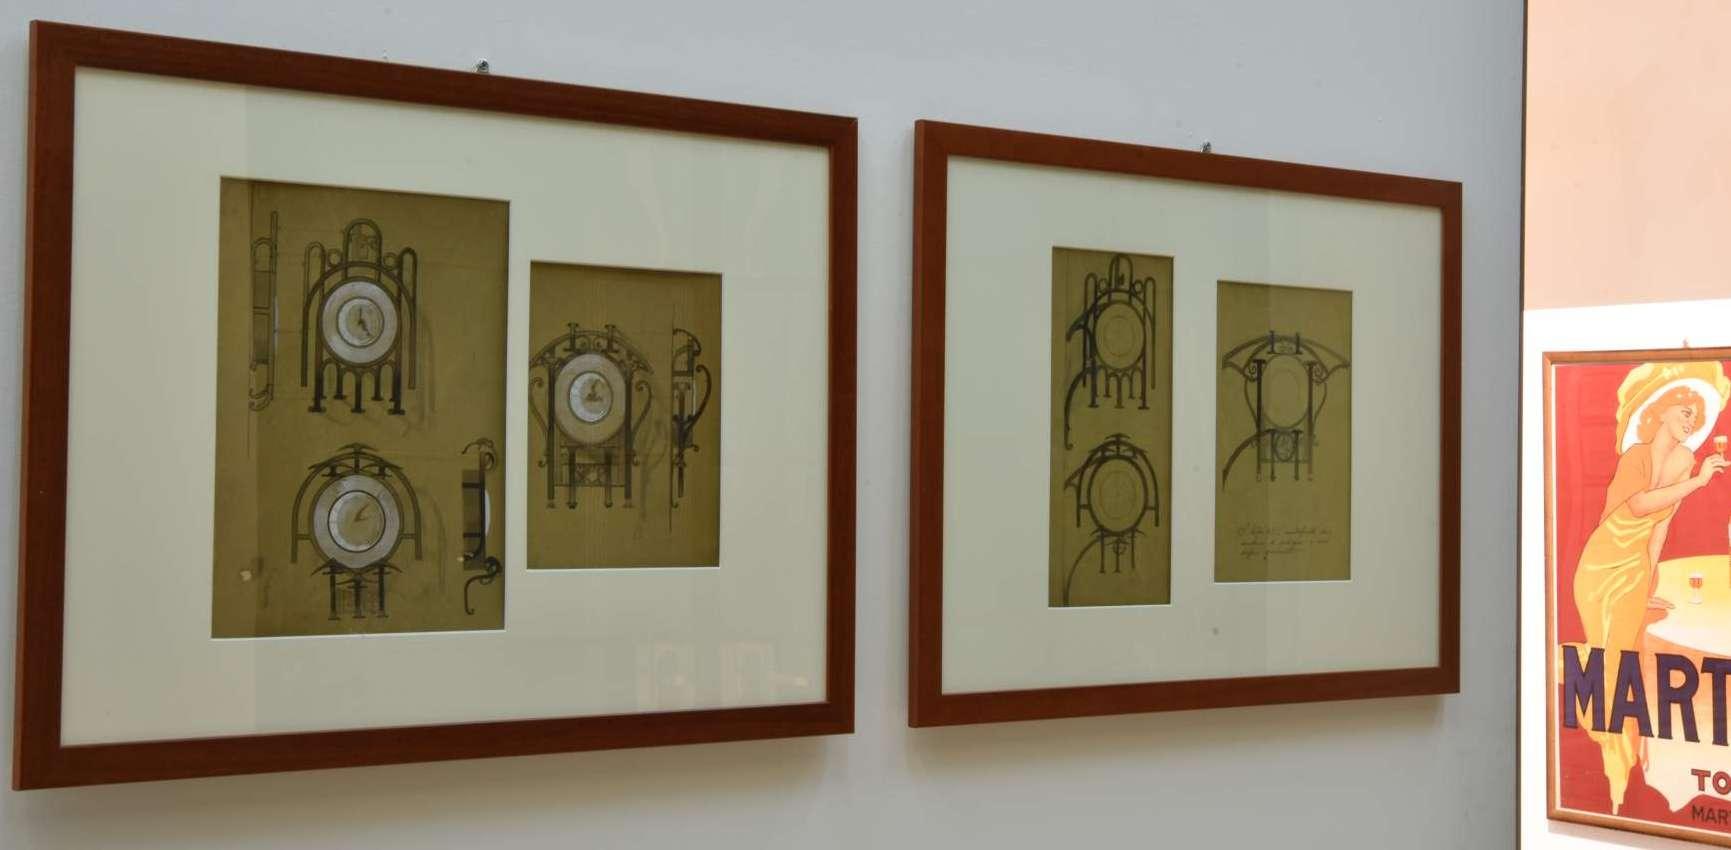 Duilio Cambellotti, Orologi stradali da muro, bozzetto, 1925, Fondazione Neri - MIG